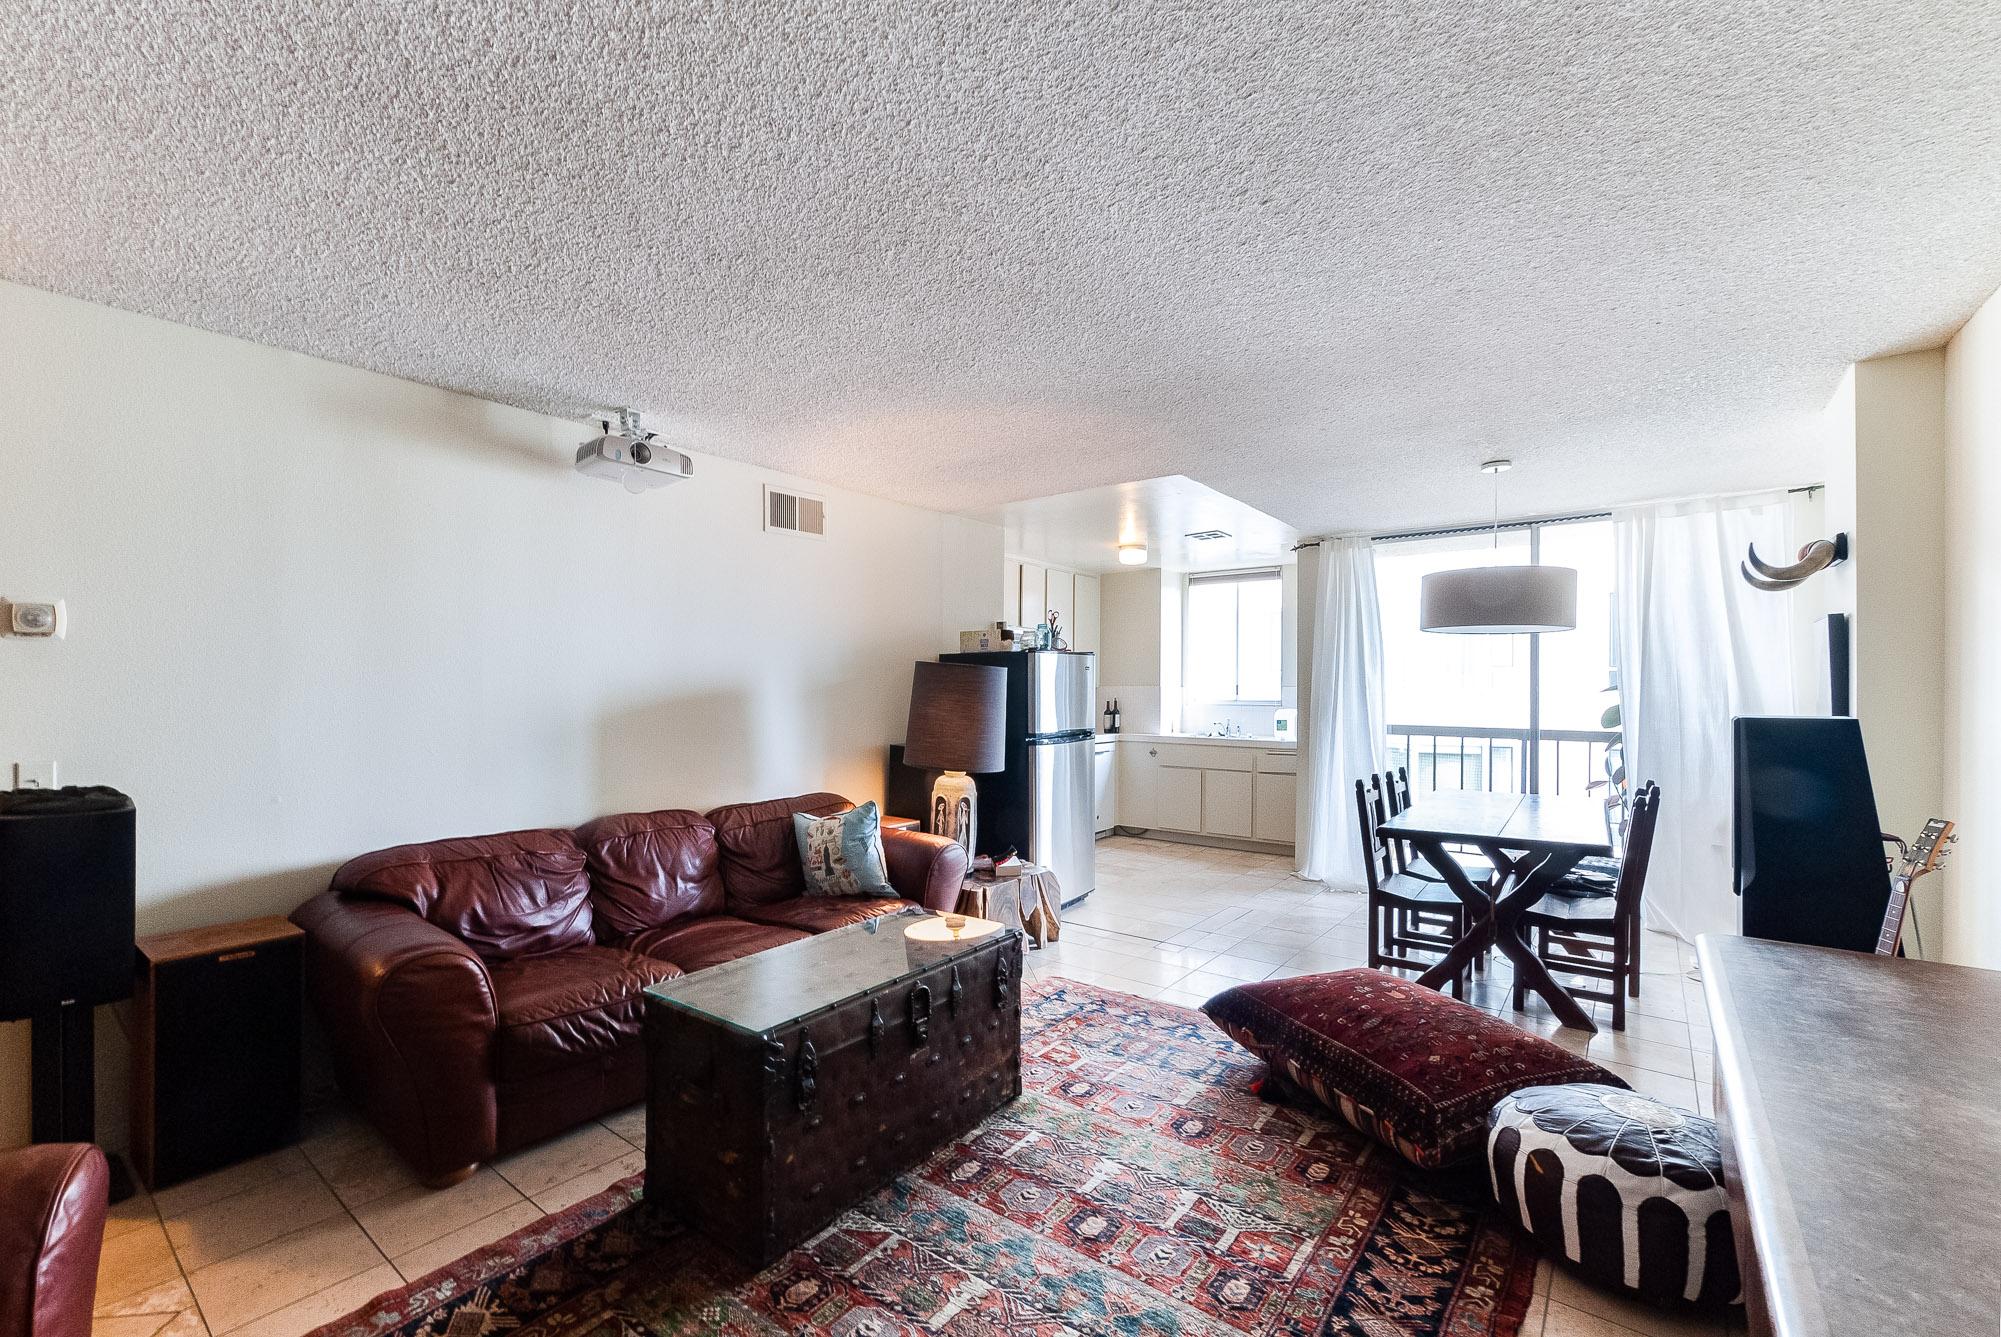 11th Floor 1BD/2BA Condo with Balcony and Doorman on Wilshire Corridor